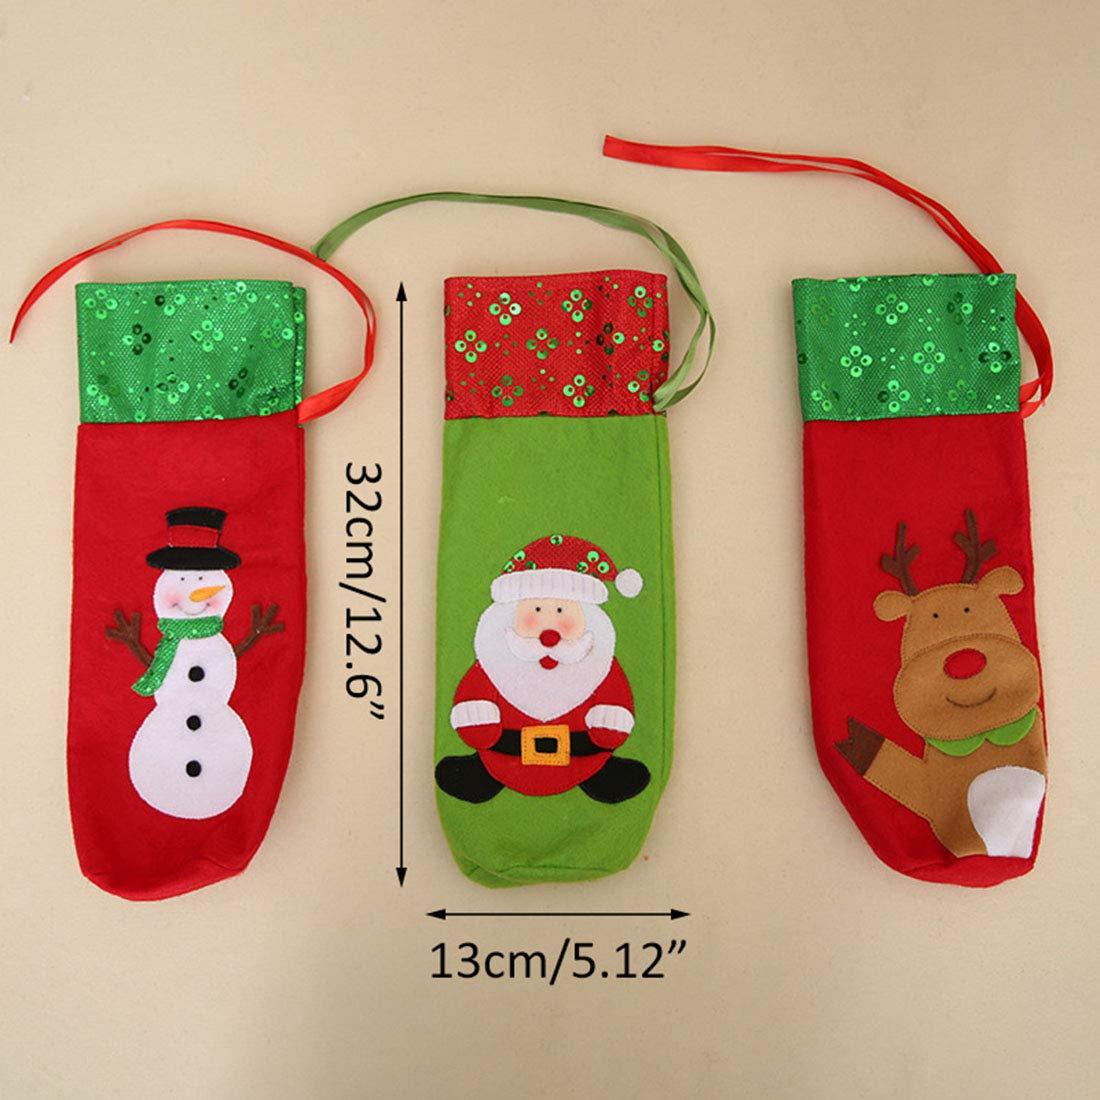 Milong 2PCS Fundas de Botella de Vino, Cubiertas de Champán, de Diseño Muñeco de Nieve y Papá Noel, Decoración para Fiesta de Navidad Cretivo Lindo para ...